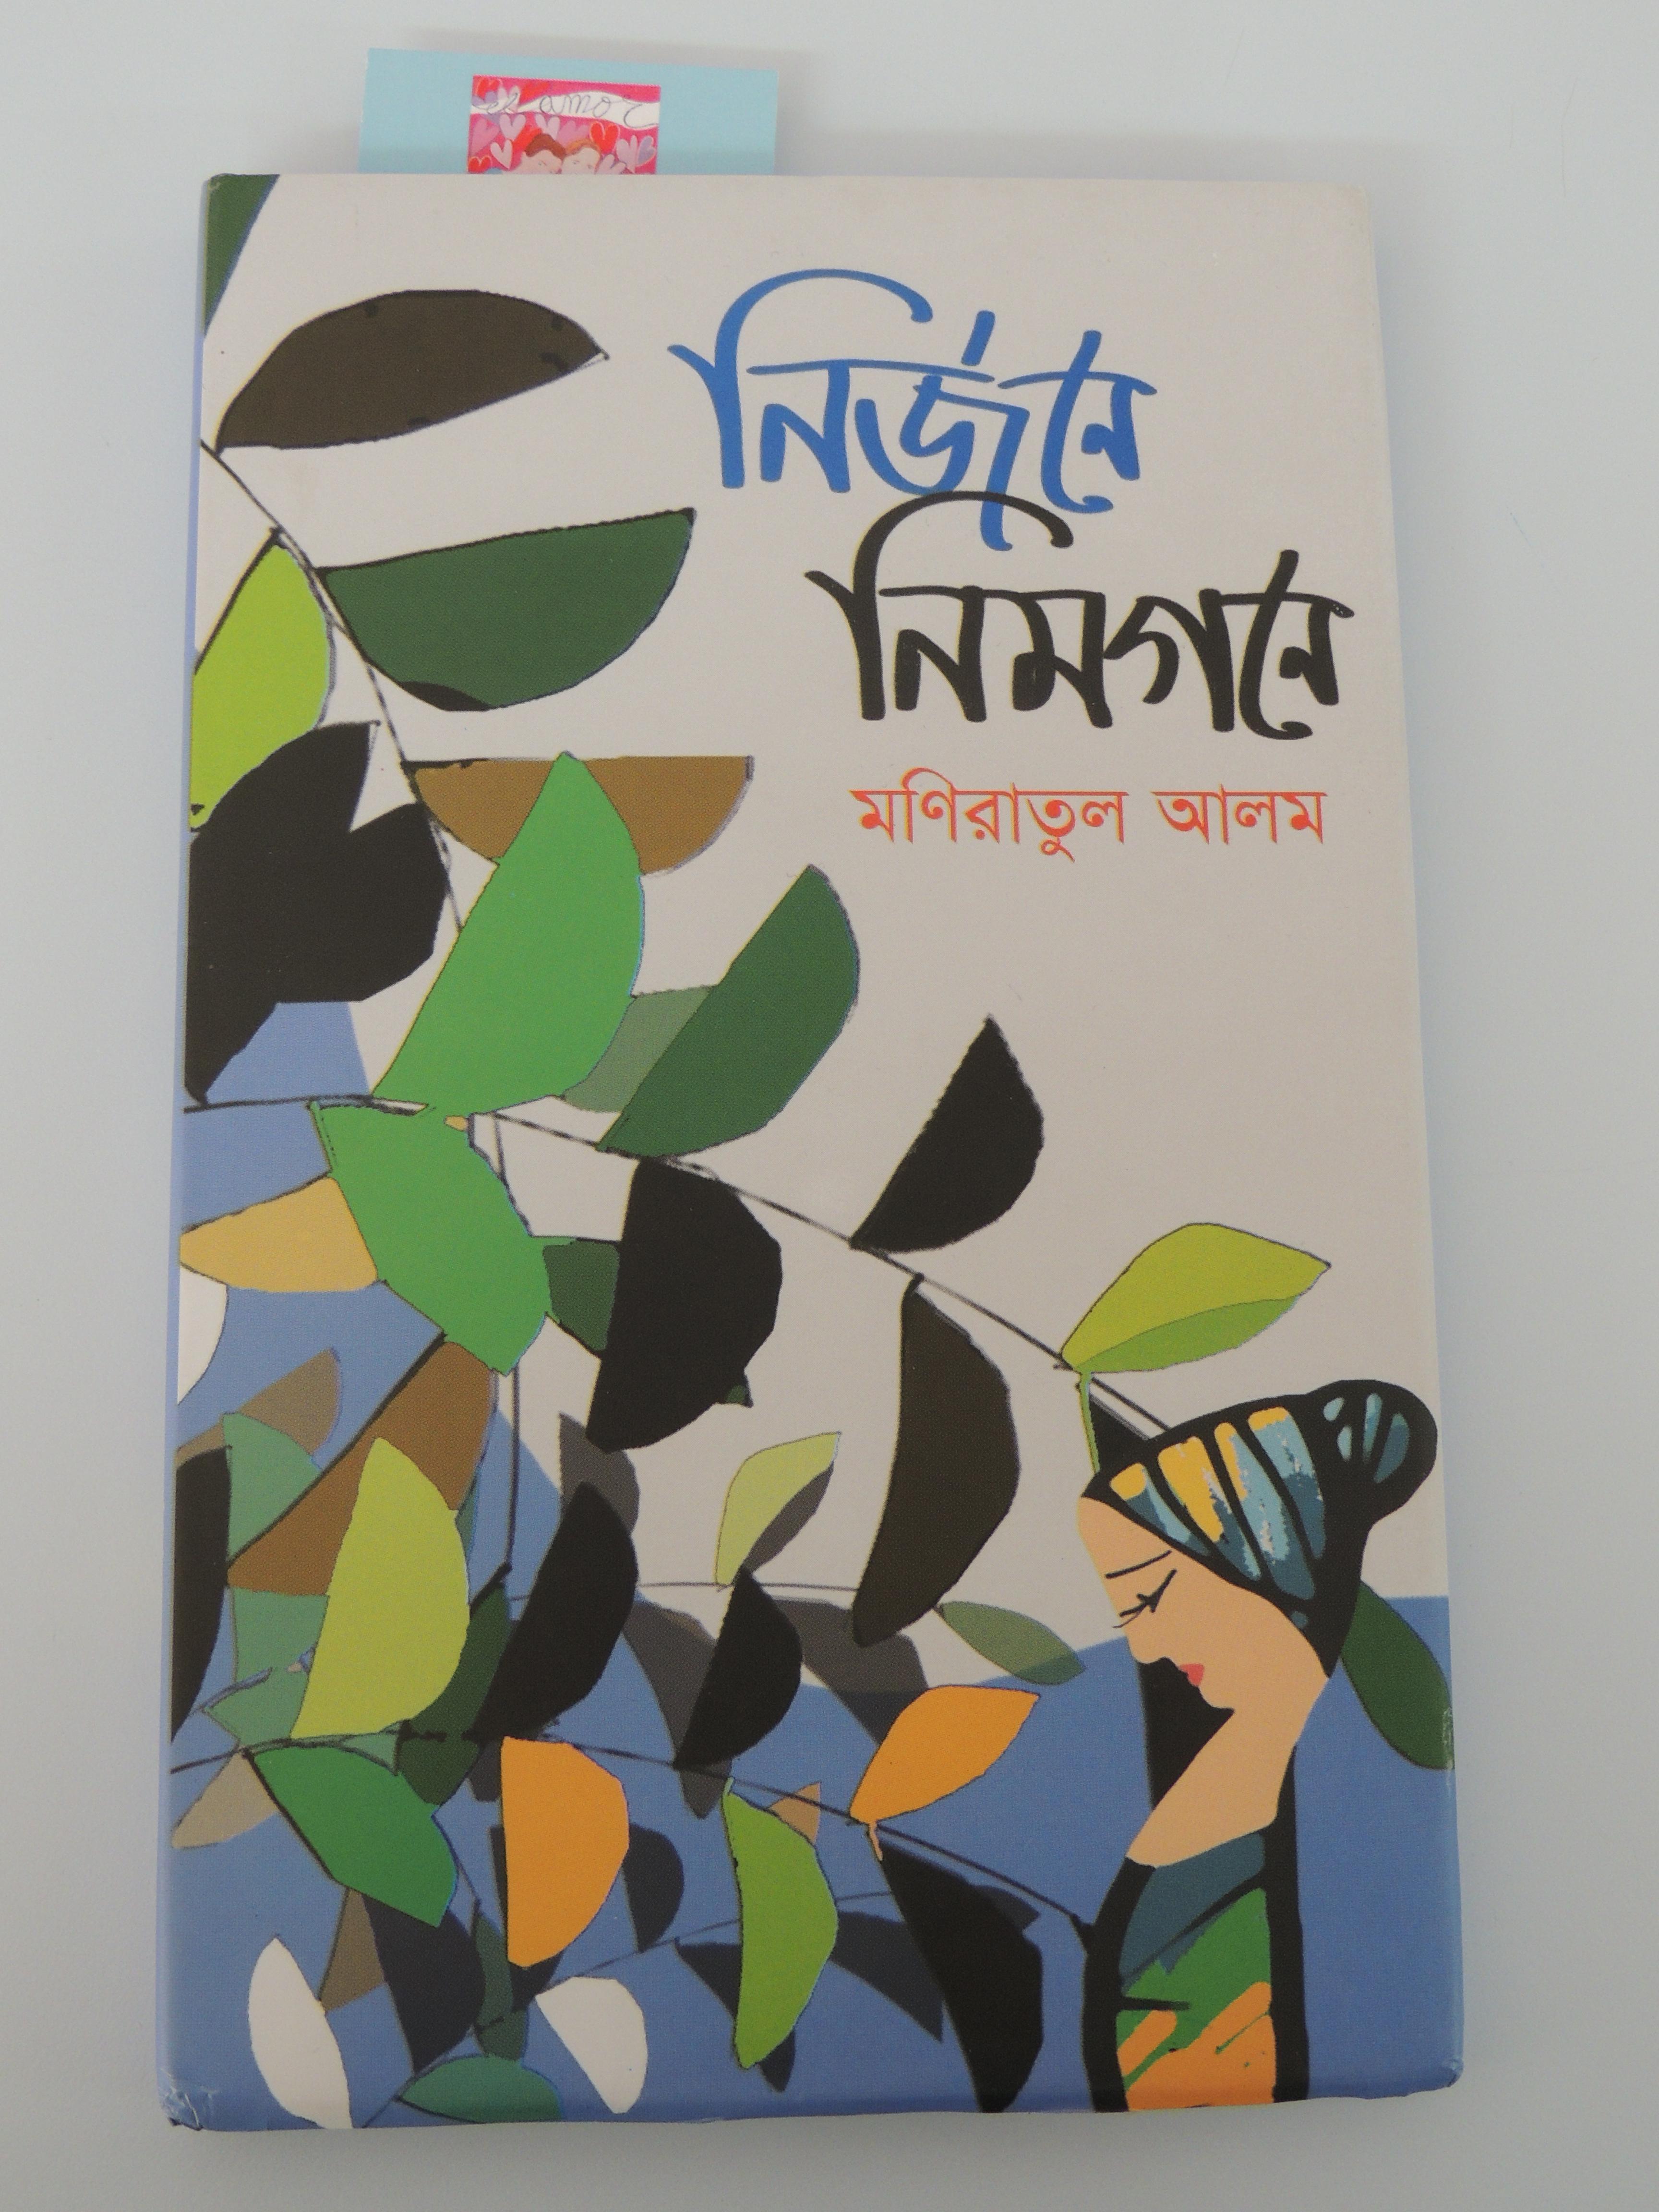 El libro de Moni